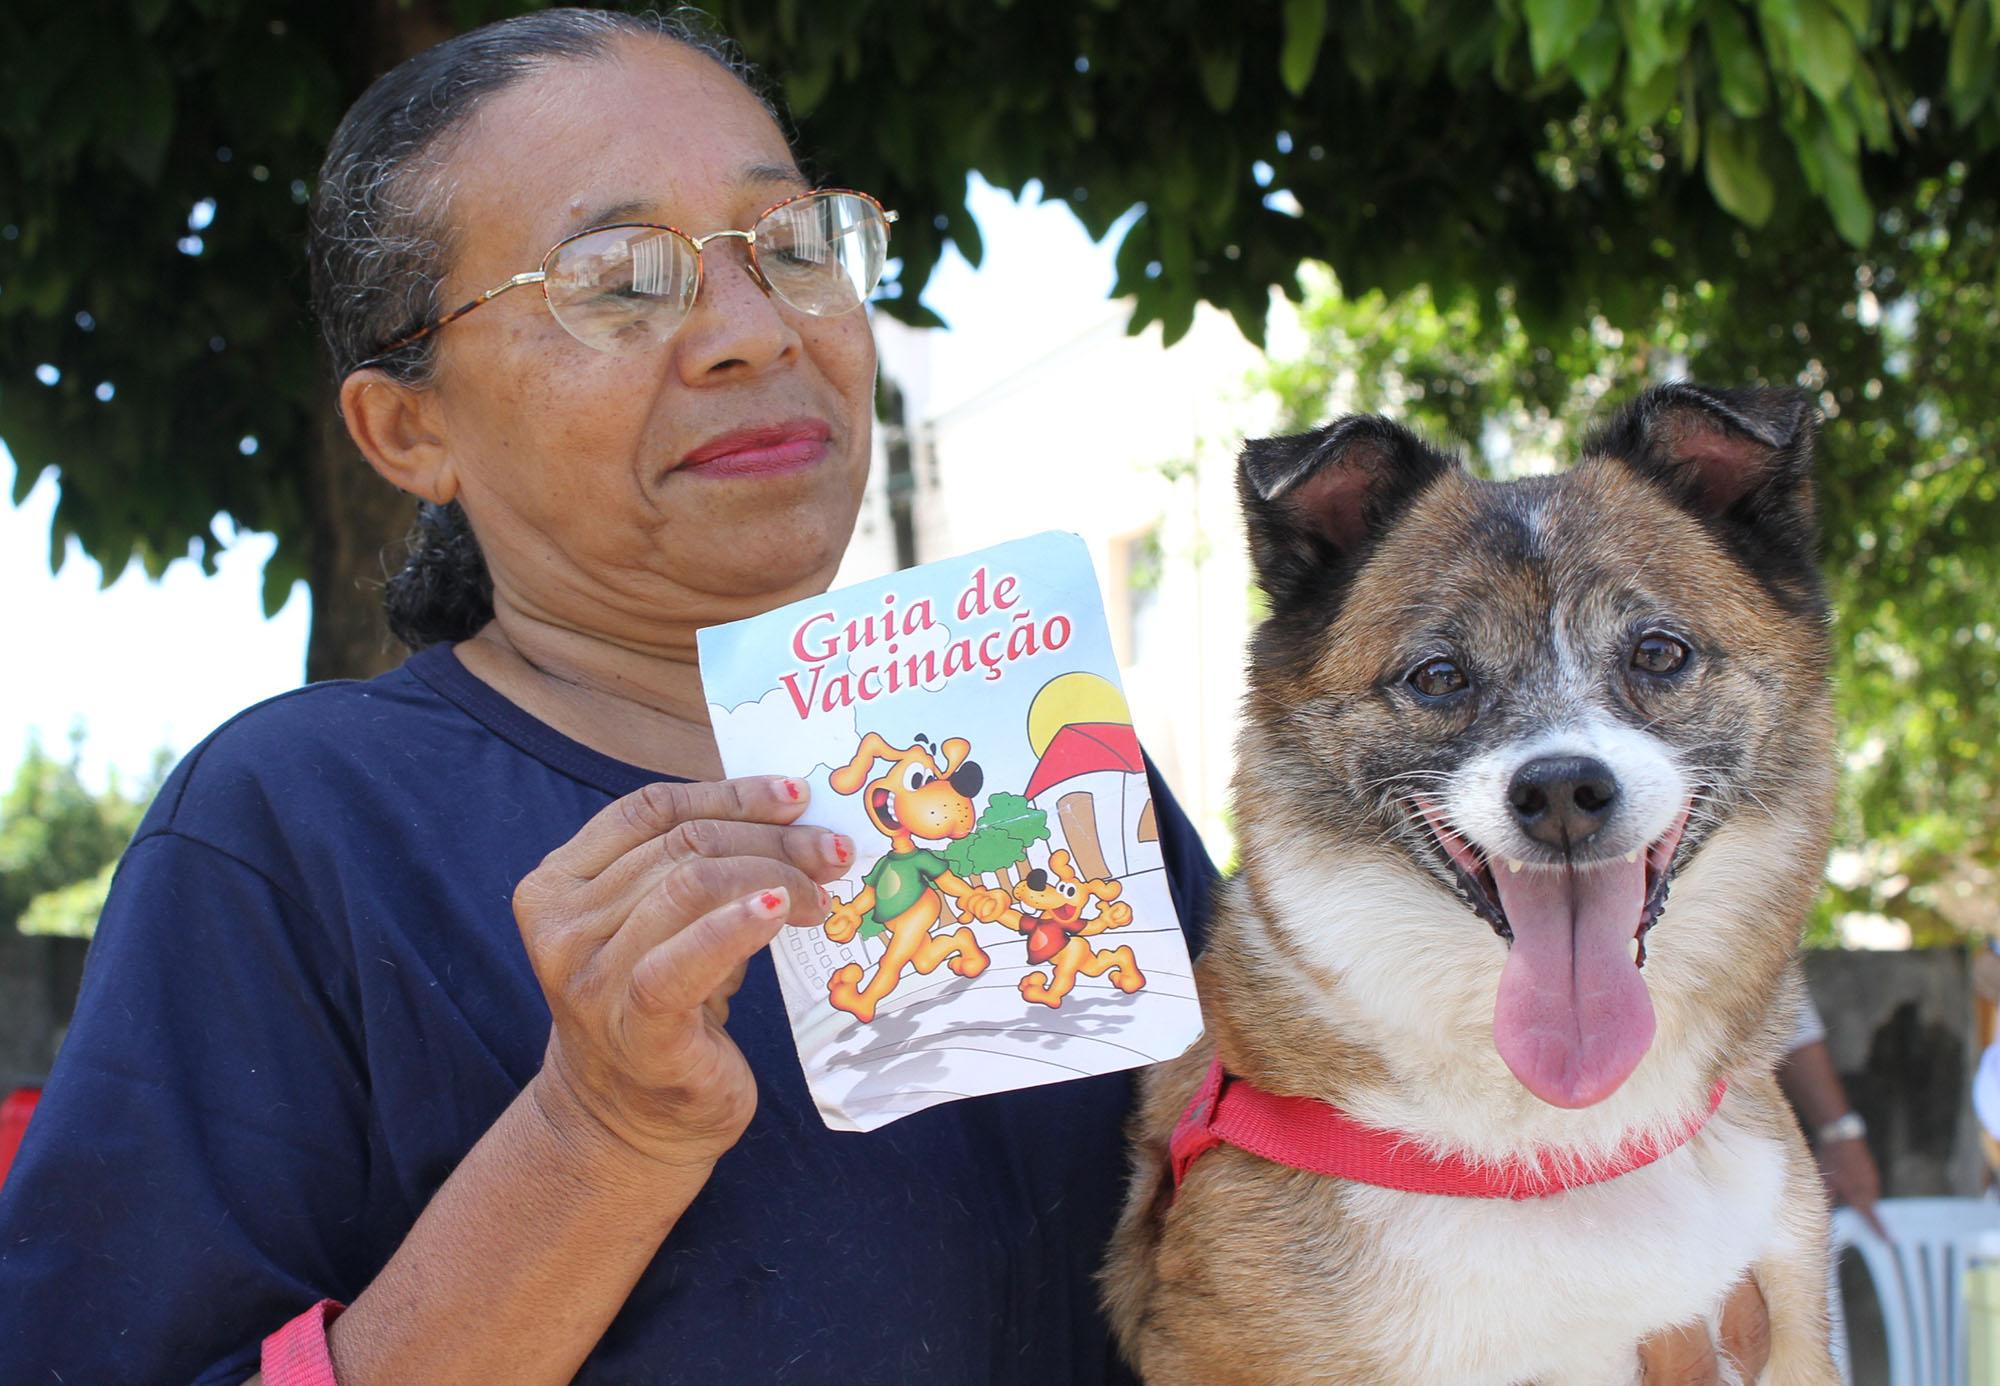 Vacinação - FOTO Ricardo Puppe1